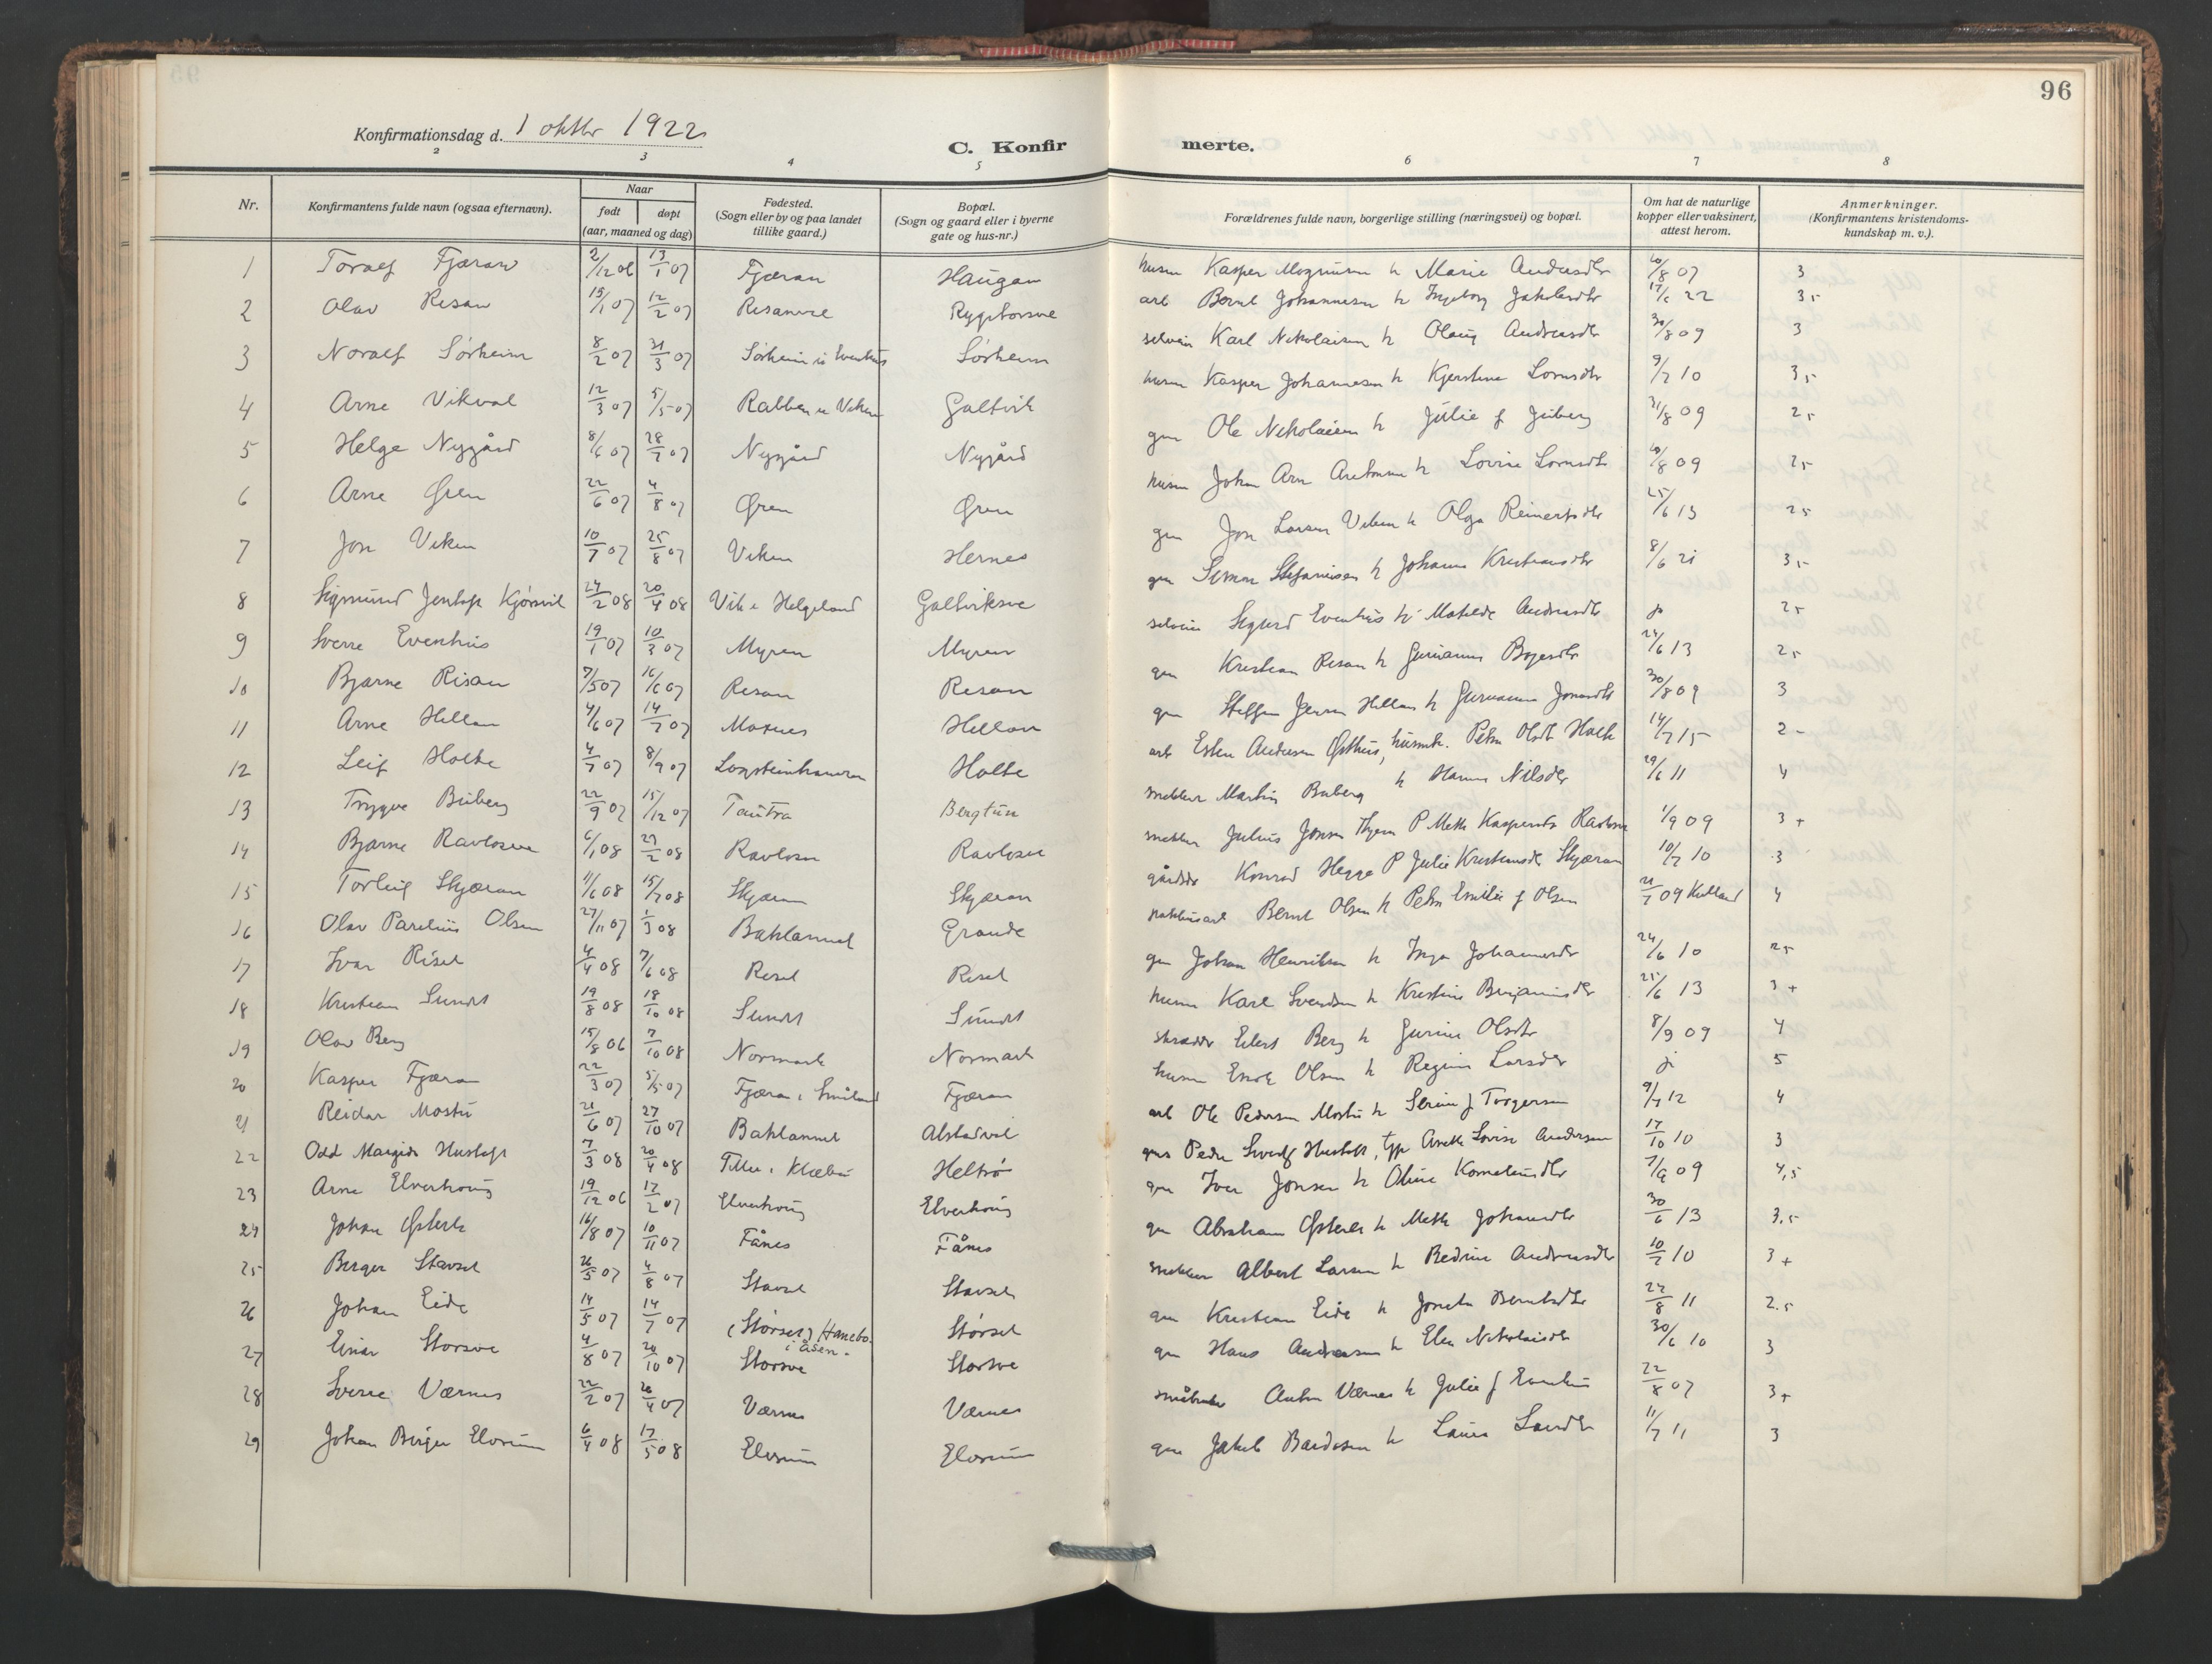 SAT, Ministerialprotokoller, klokkerbøker og fødselsregistre - Nord-Trøndelag, 713/L0123: Ministerialbok nr. 713A12, 1911-1925, s. 96